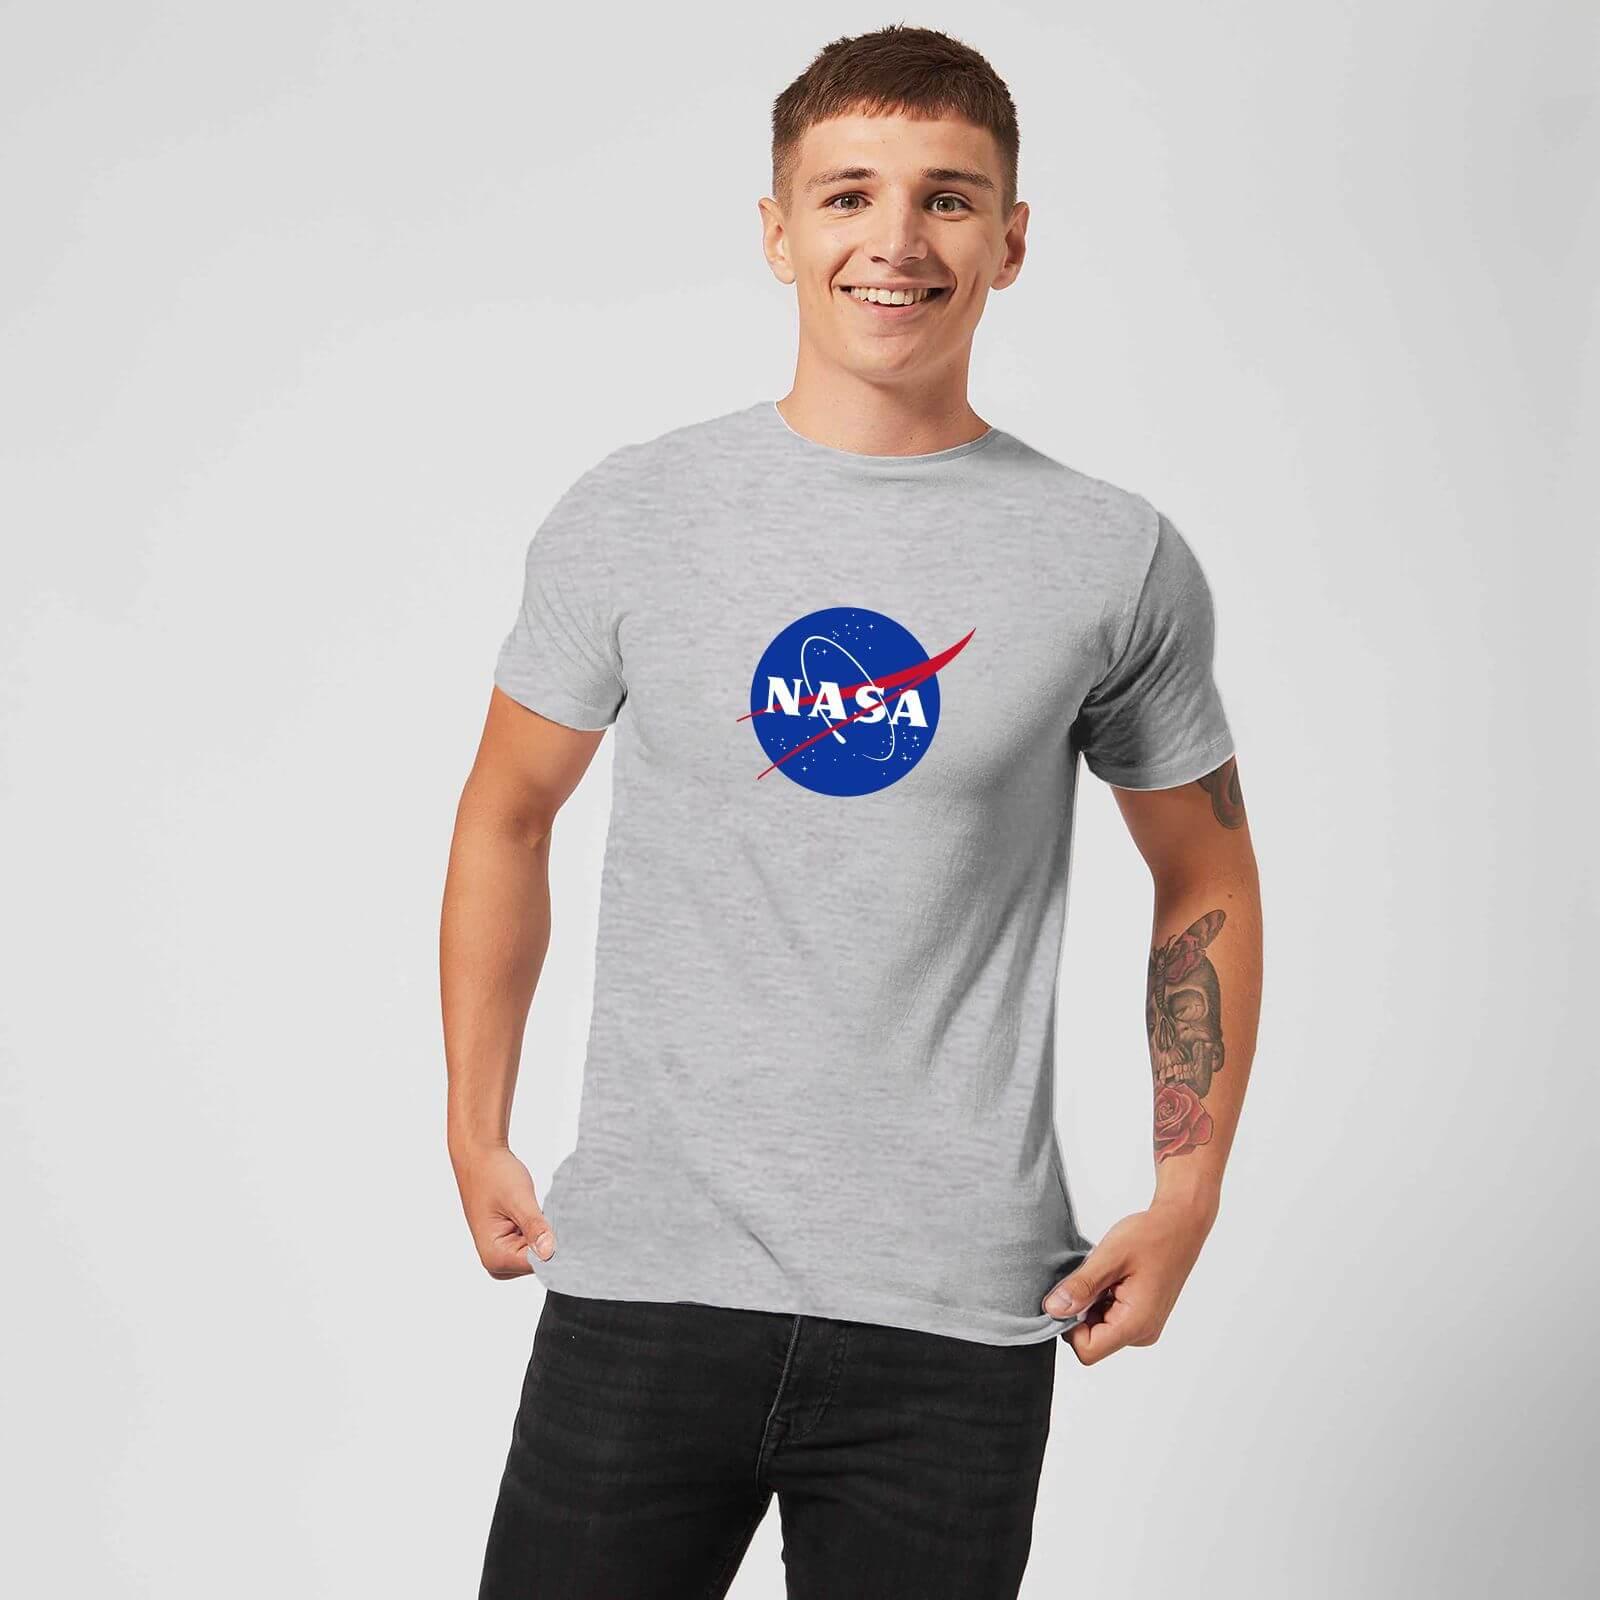 Sélection de T-shirts Nasa Homme ou femme (7 modèles au choix) à 10.99€